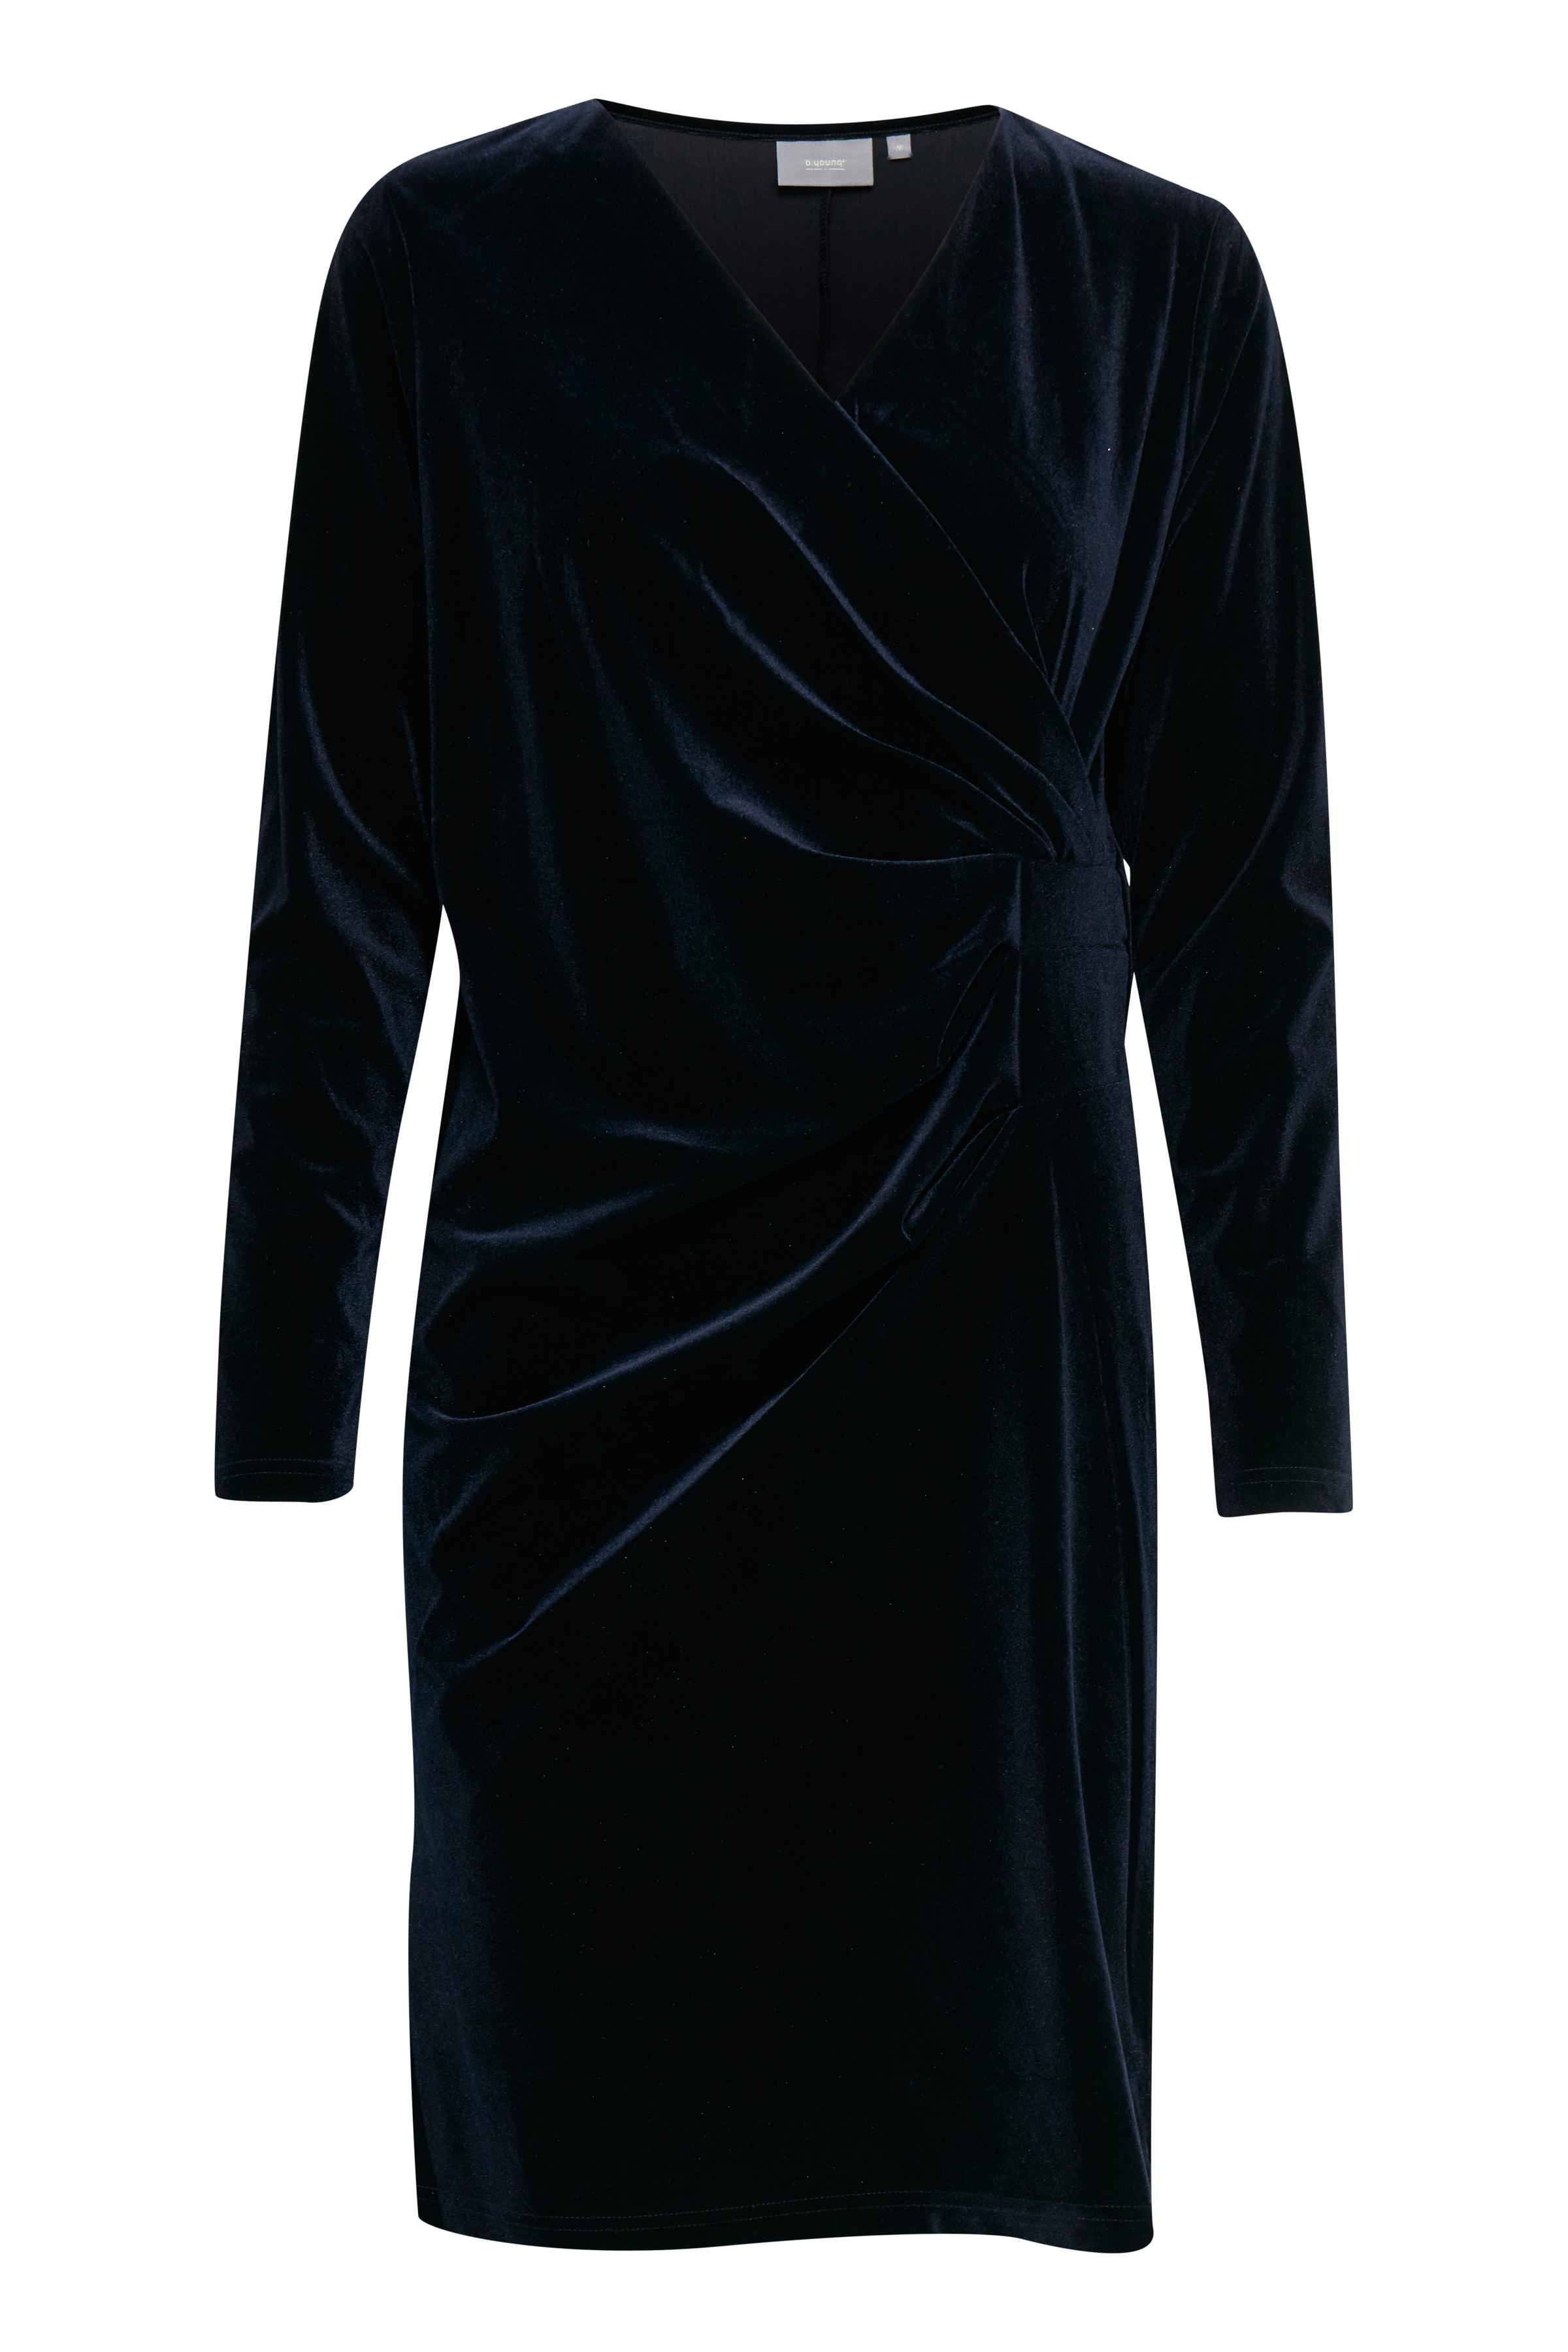 Copenhagen Night Jerseyklänning från b.young – Köp Copenhagen Night Jerseyklänning från storlek XS-XL här